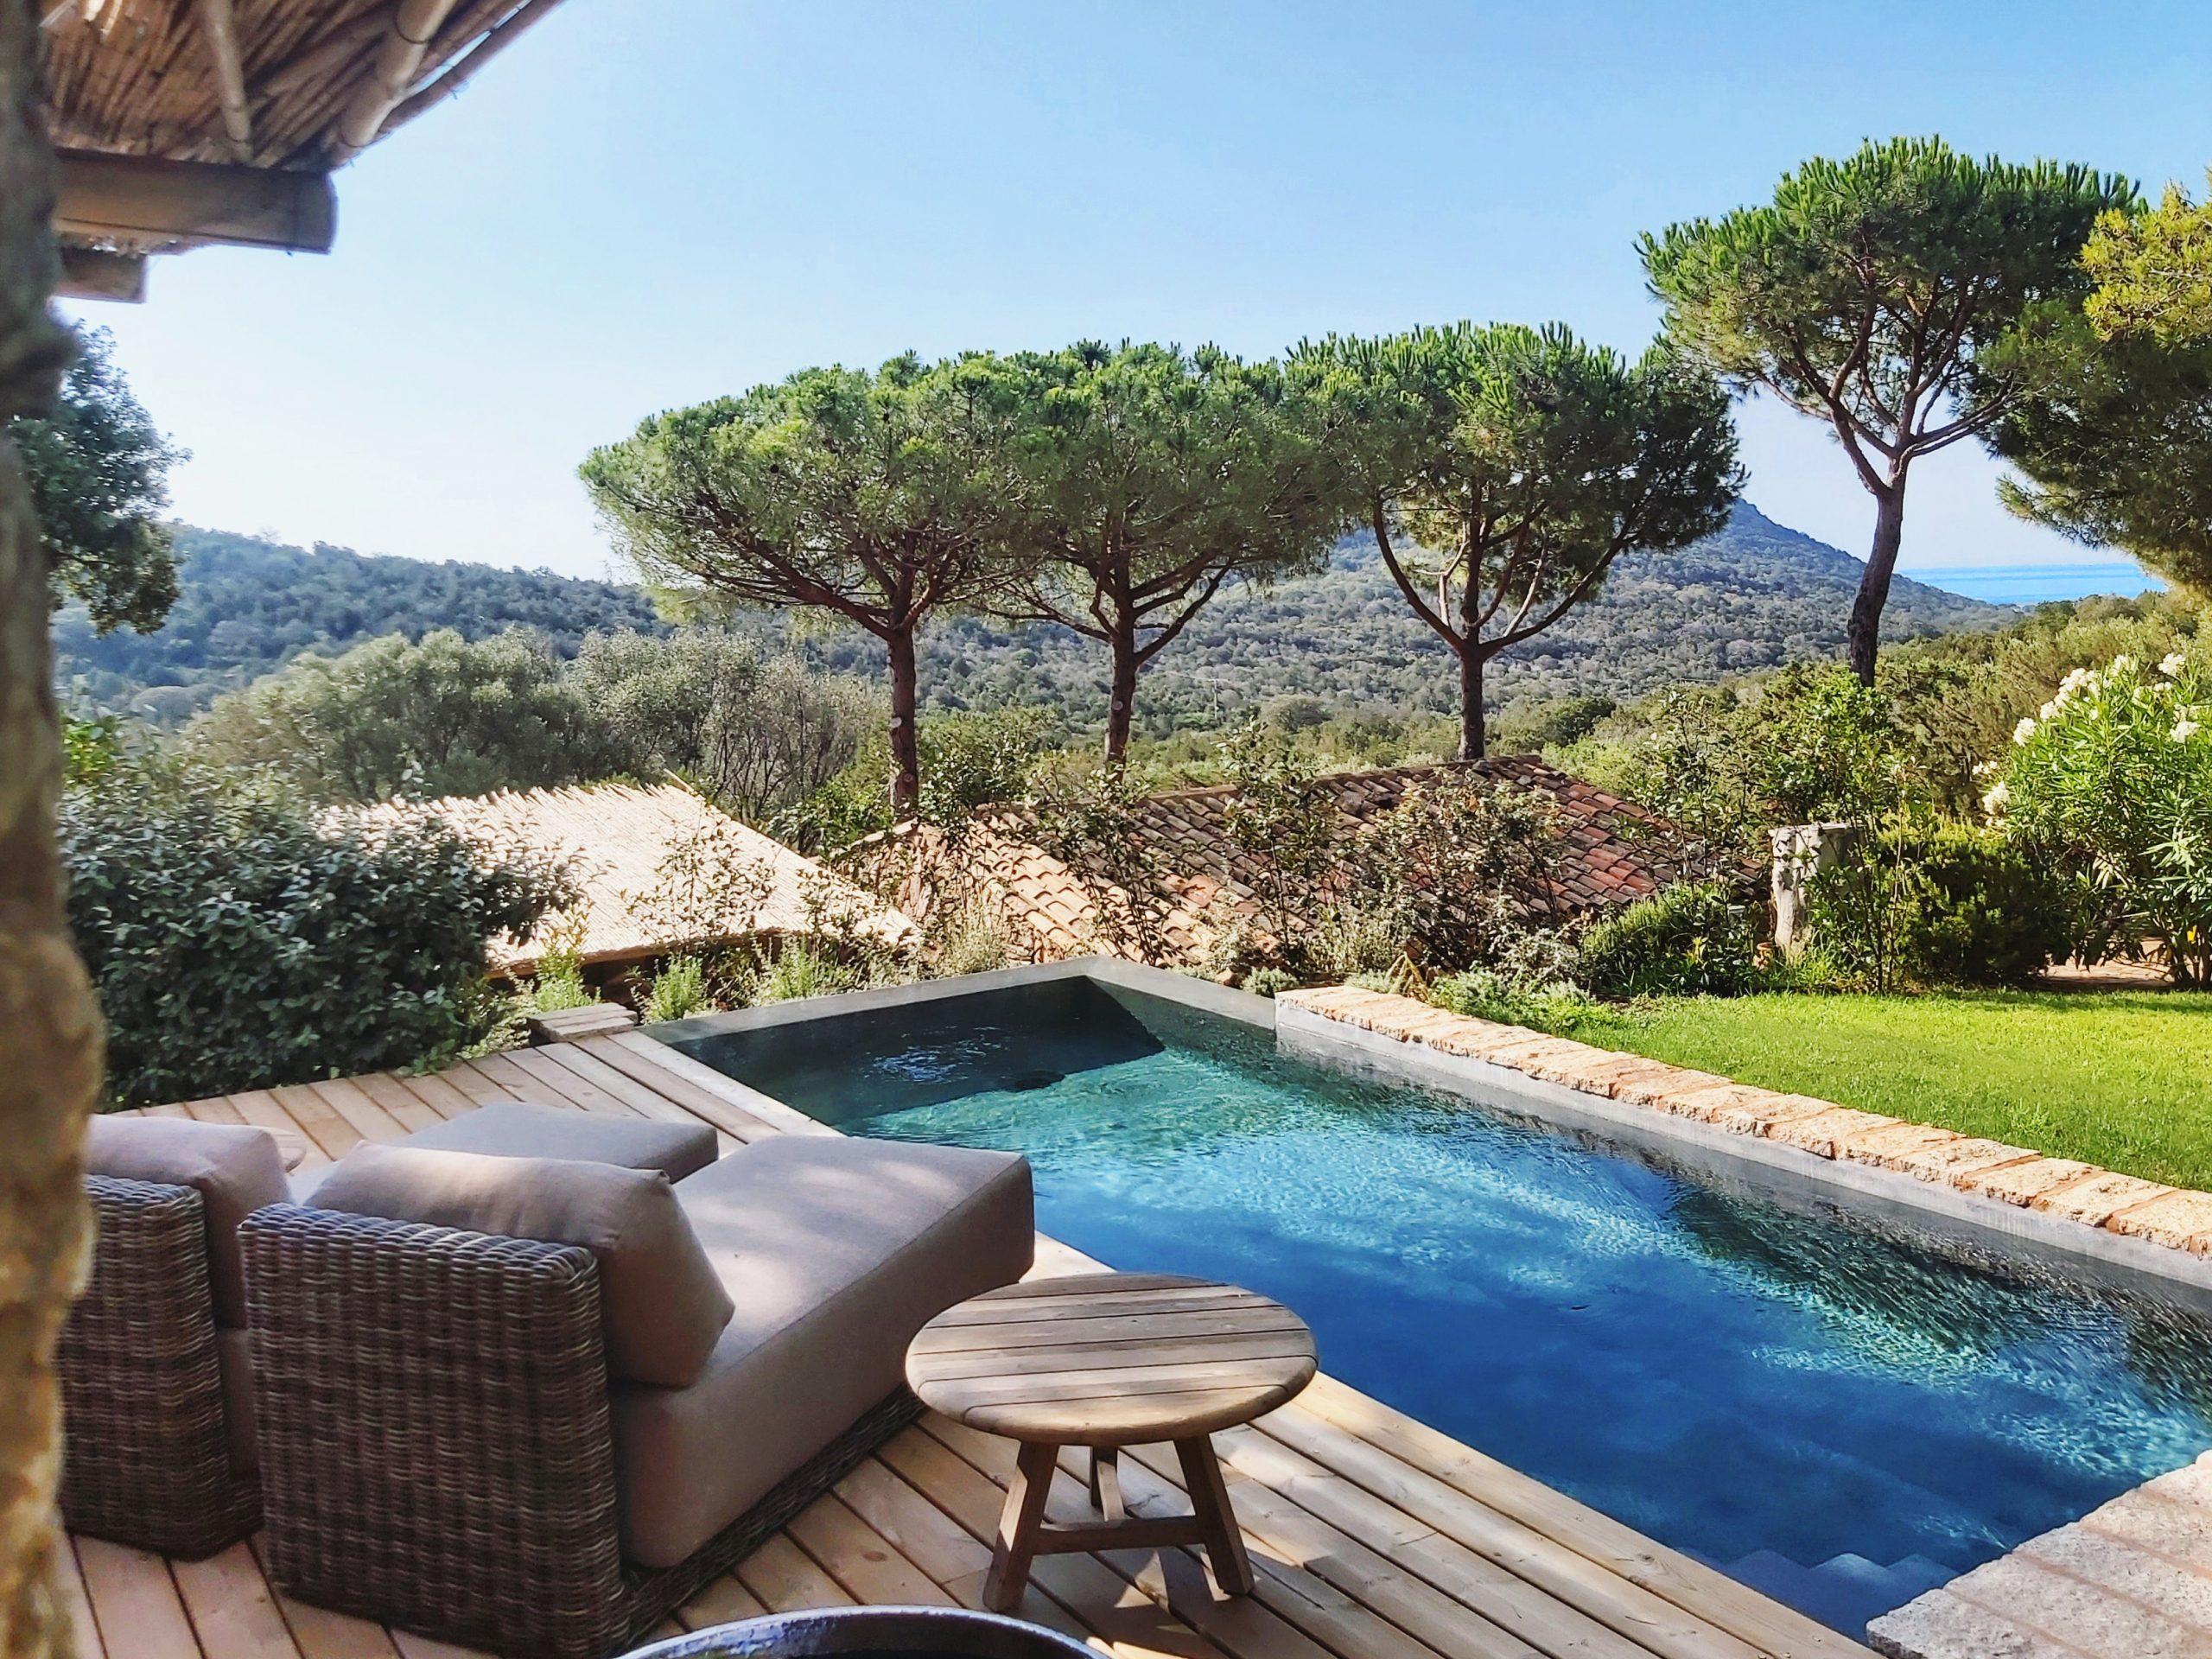 Pool Suites 2020 - Résidence Hôtelière **** Palombaggia ... à Hotel Avec Piscine Privée France